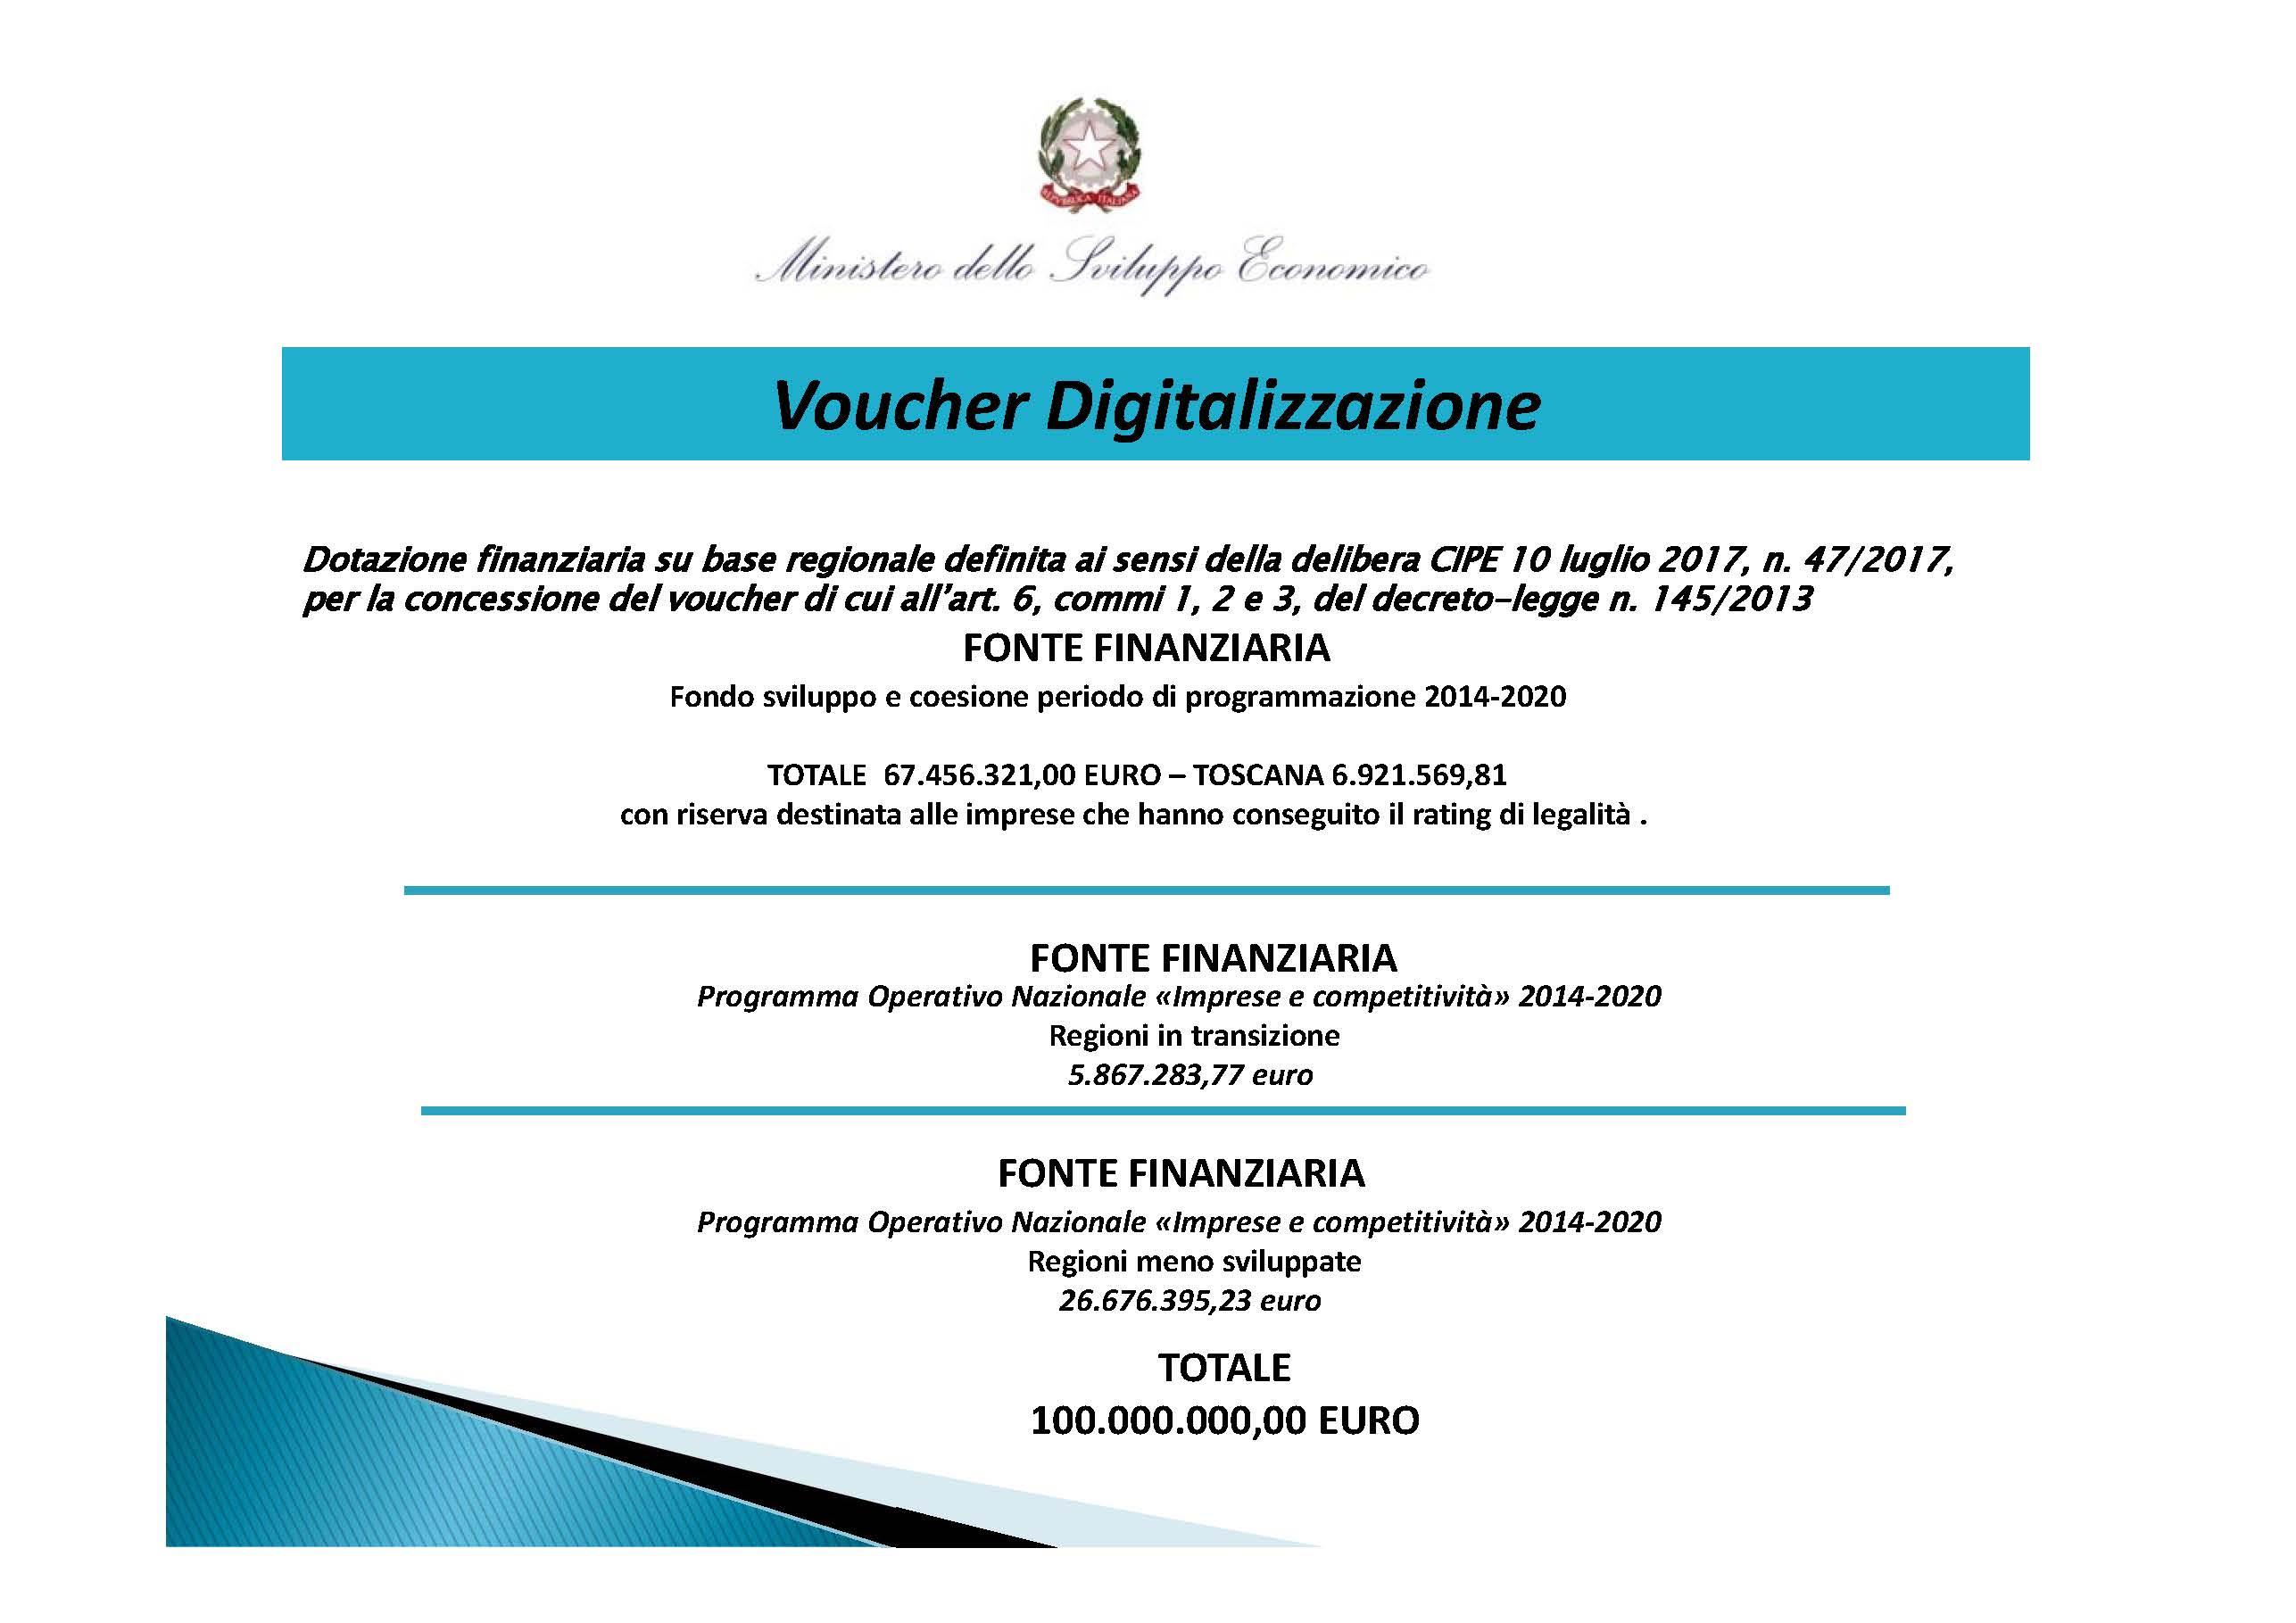 voucher-digitalizzazione-slide-bandoni_pagina_06